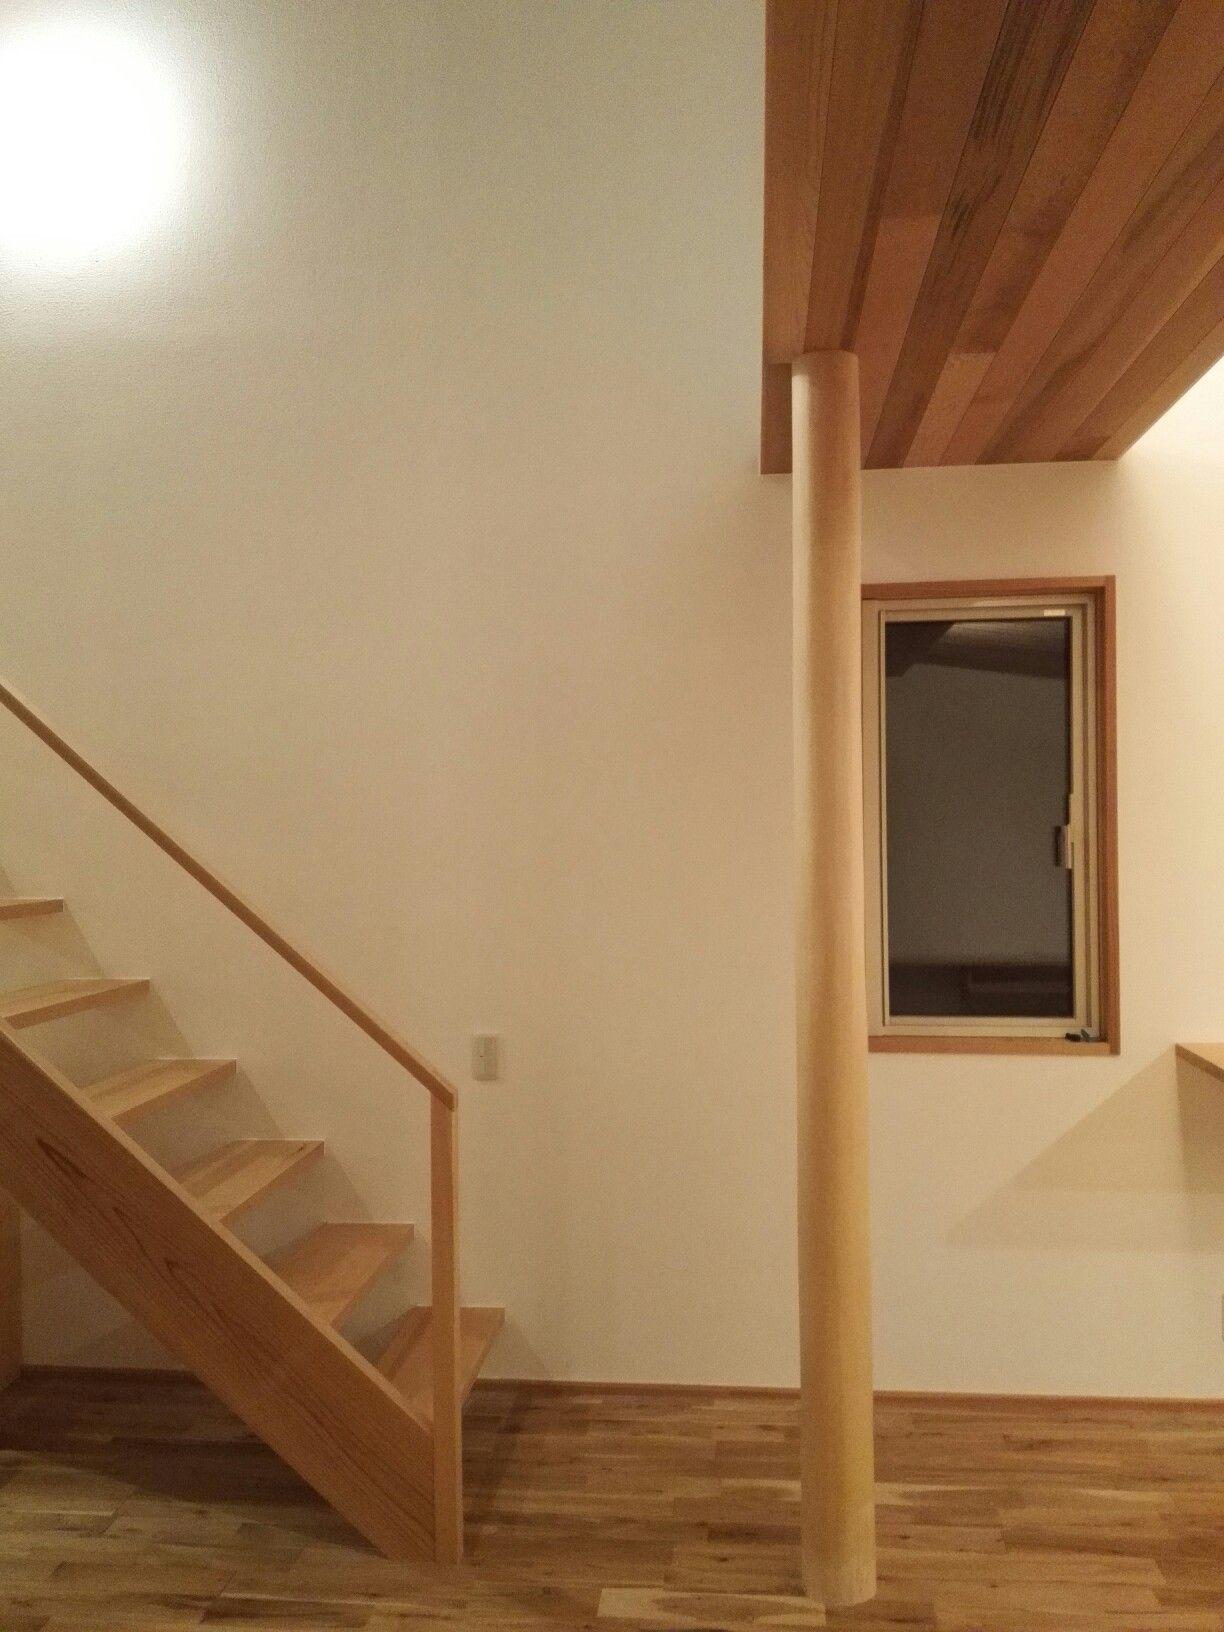 リビング 吹き抜け階段 レッドシダー天井 Kizukiya の家 リビング